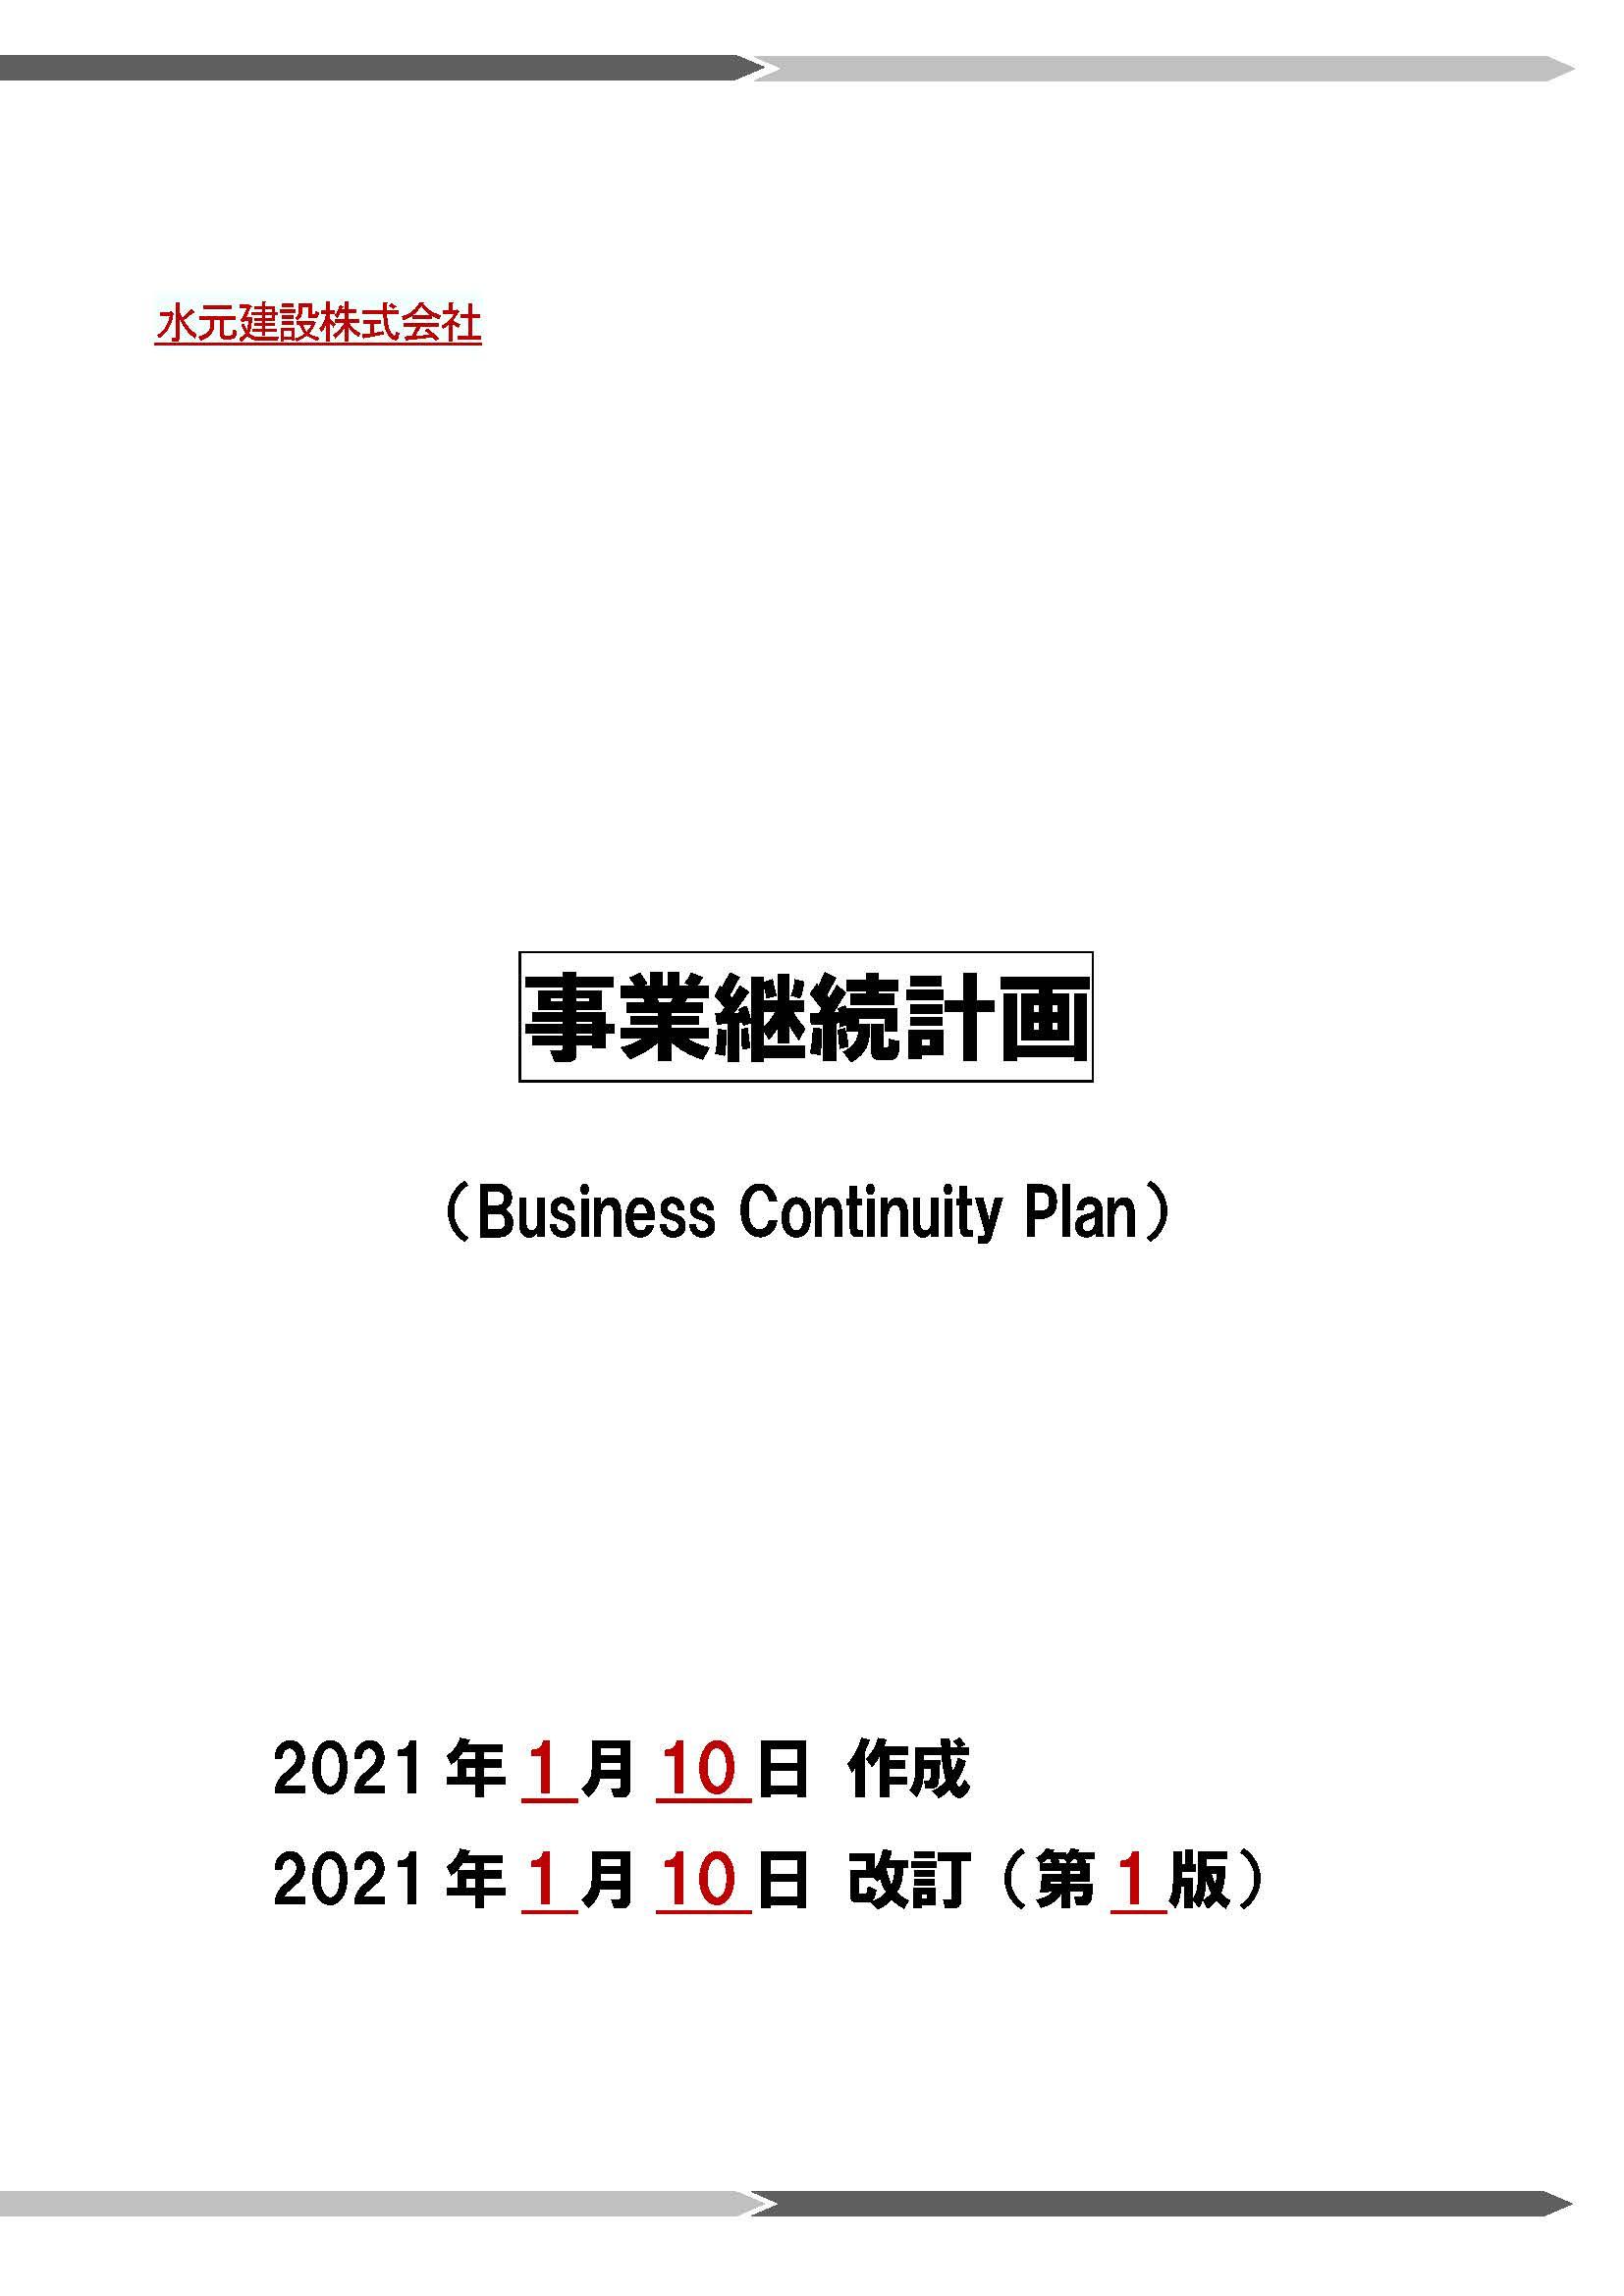 北見 BCP 事業継続計画